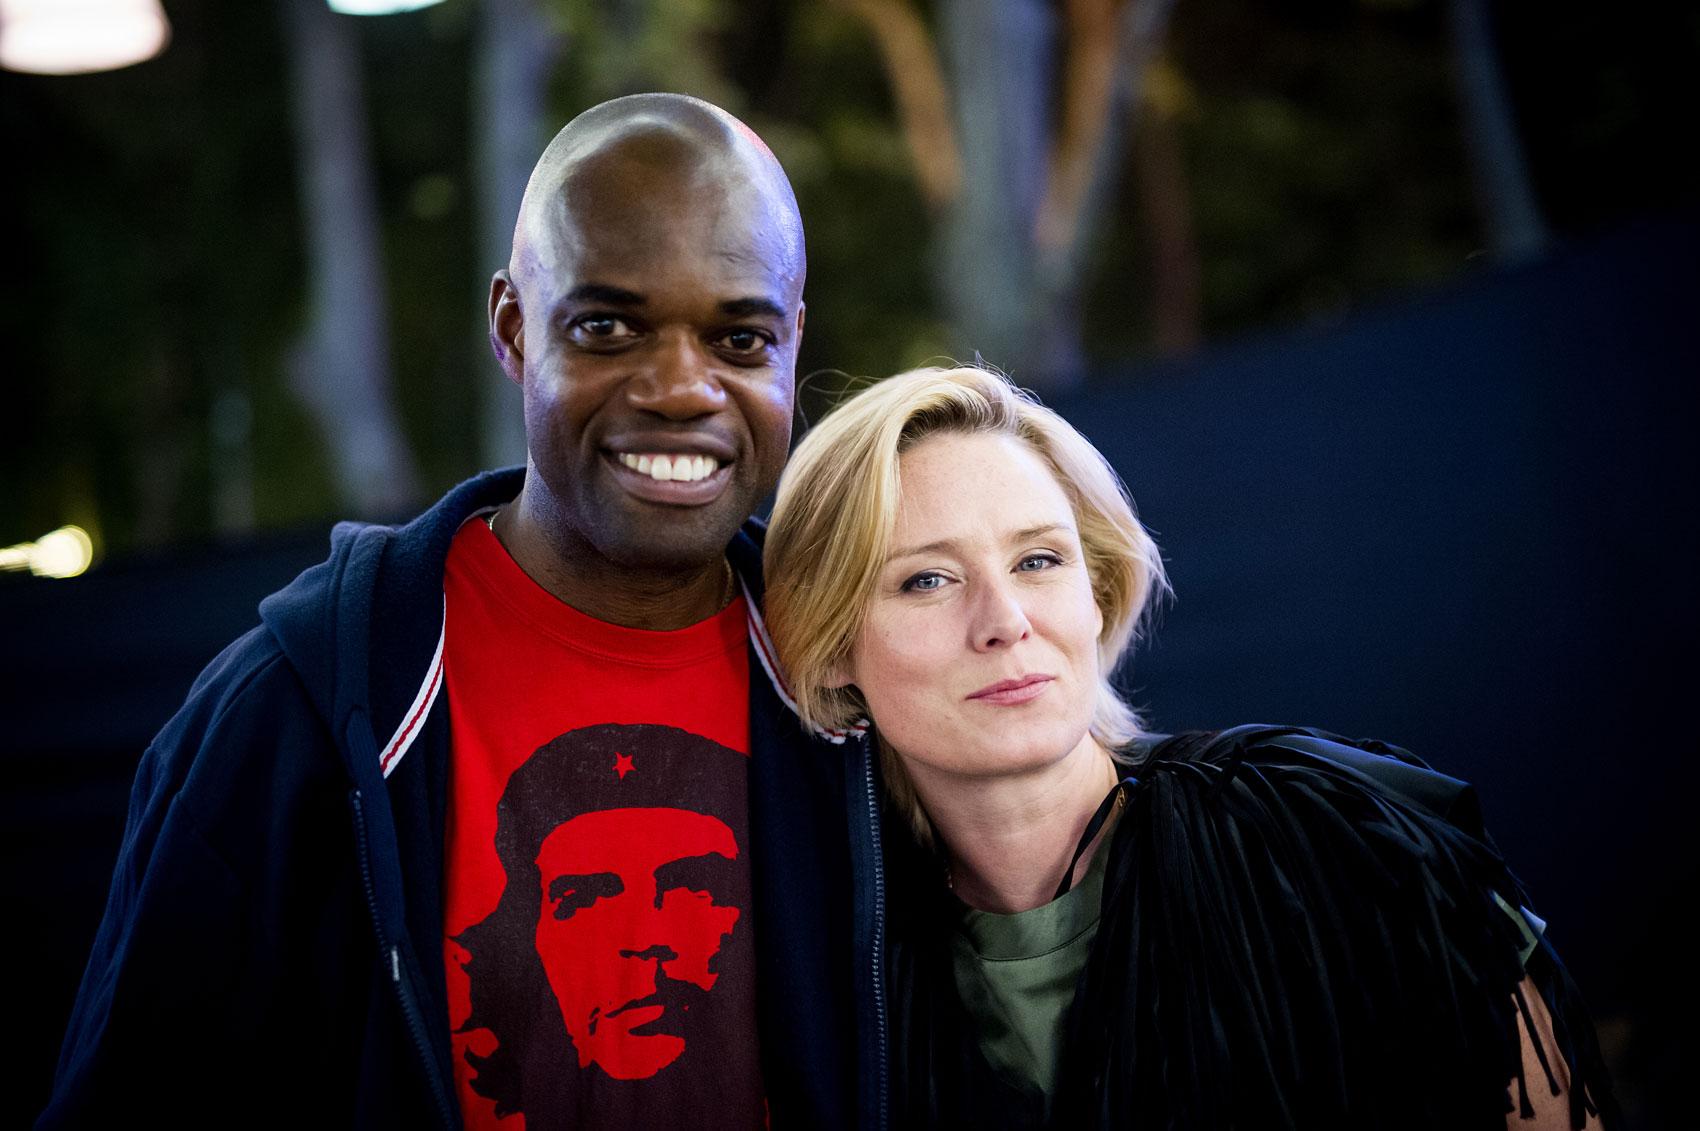 Jamie Ndah and Roisin Murphy